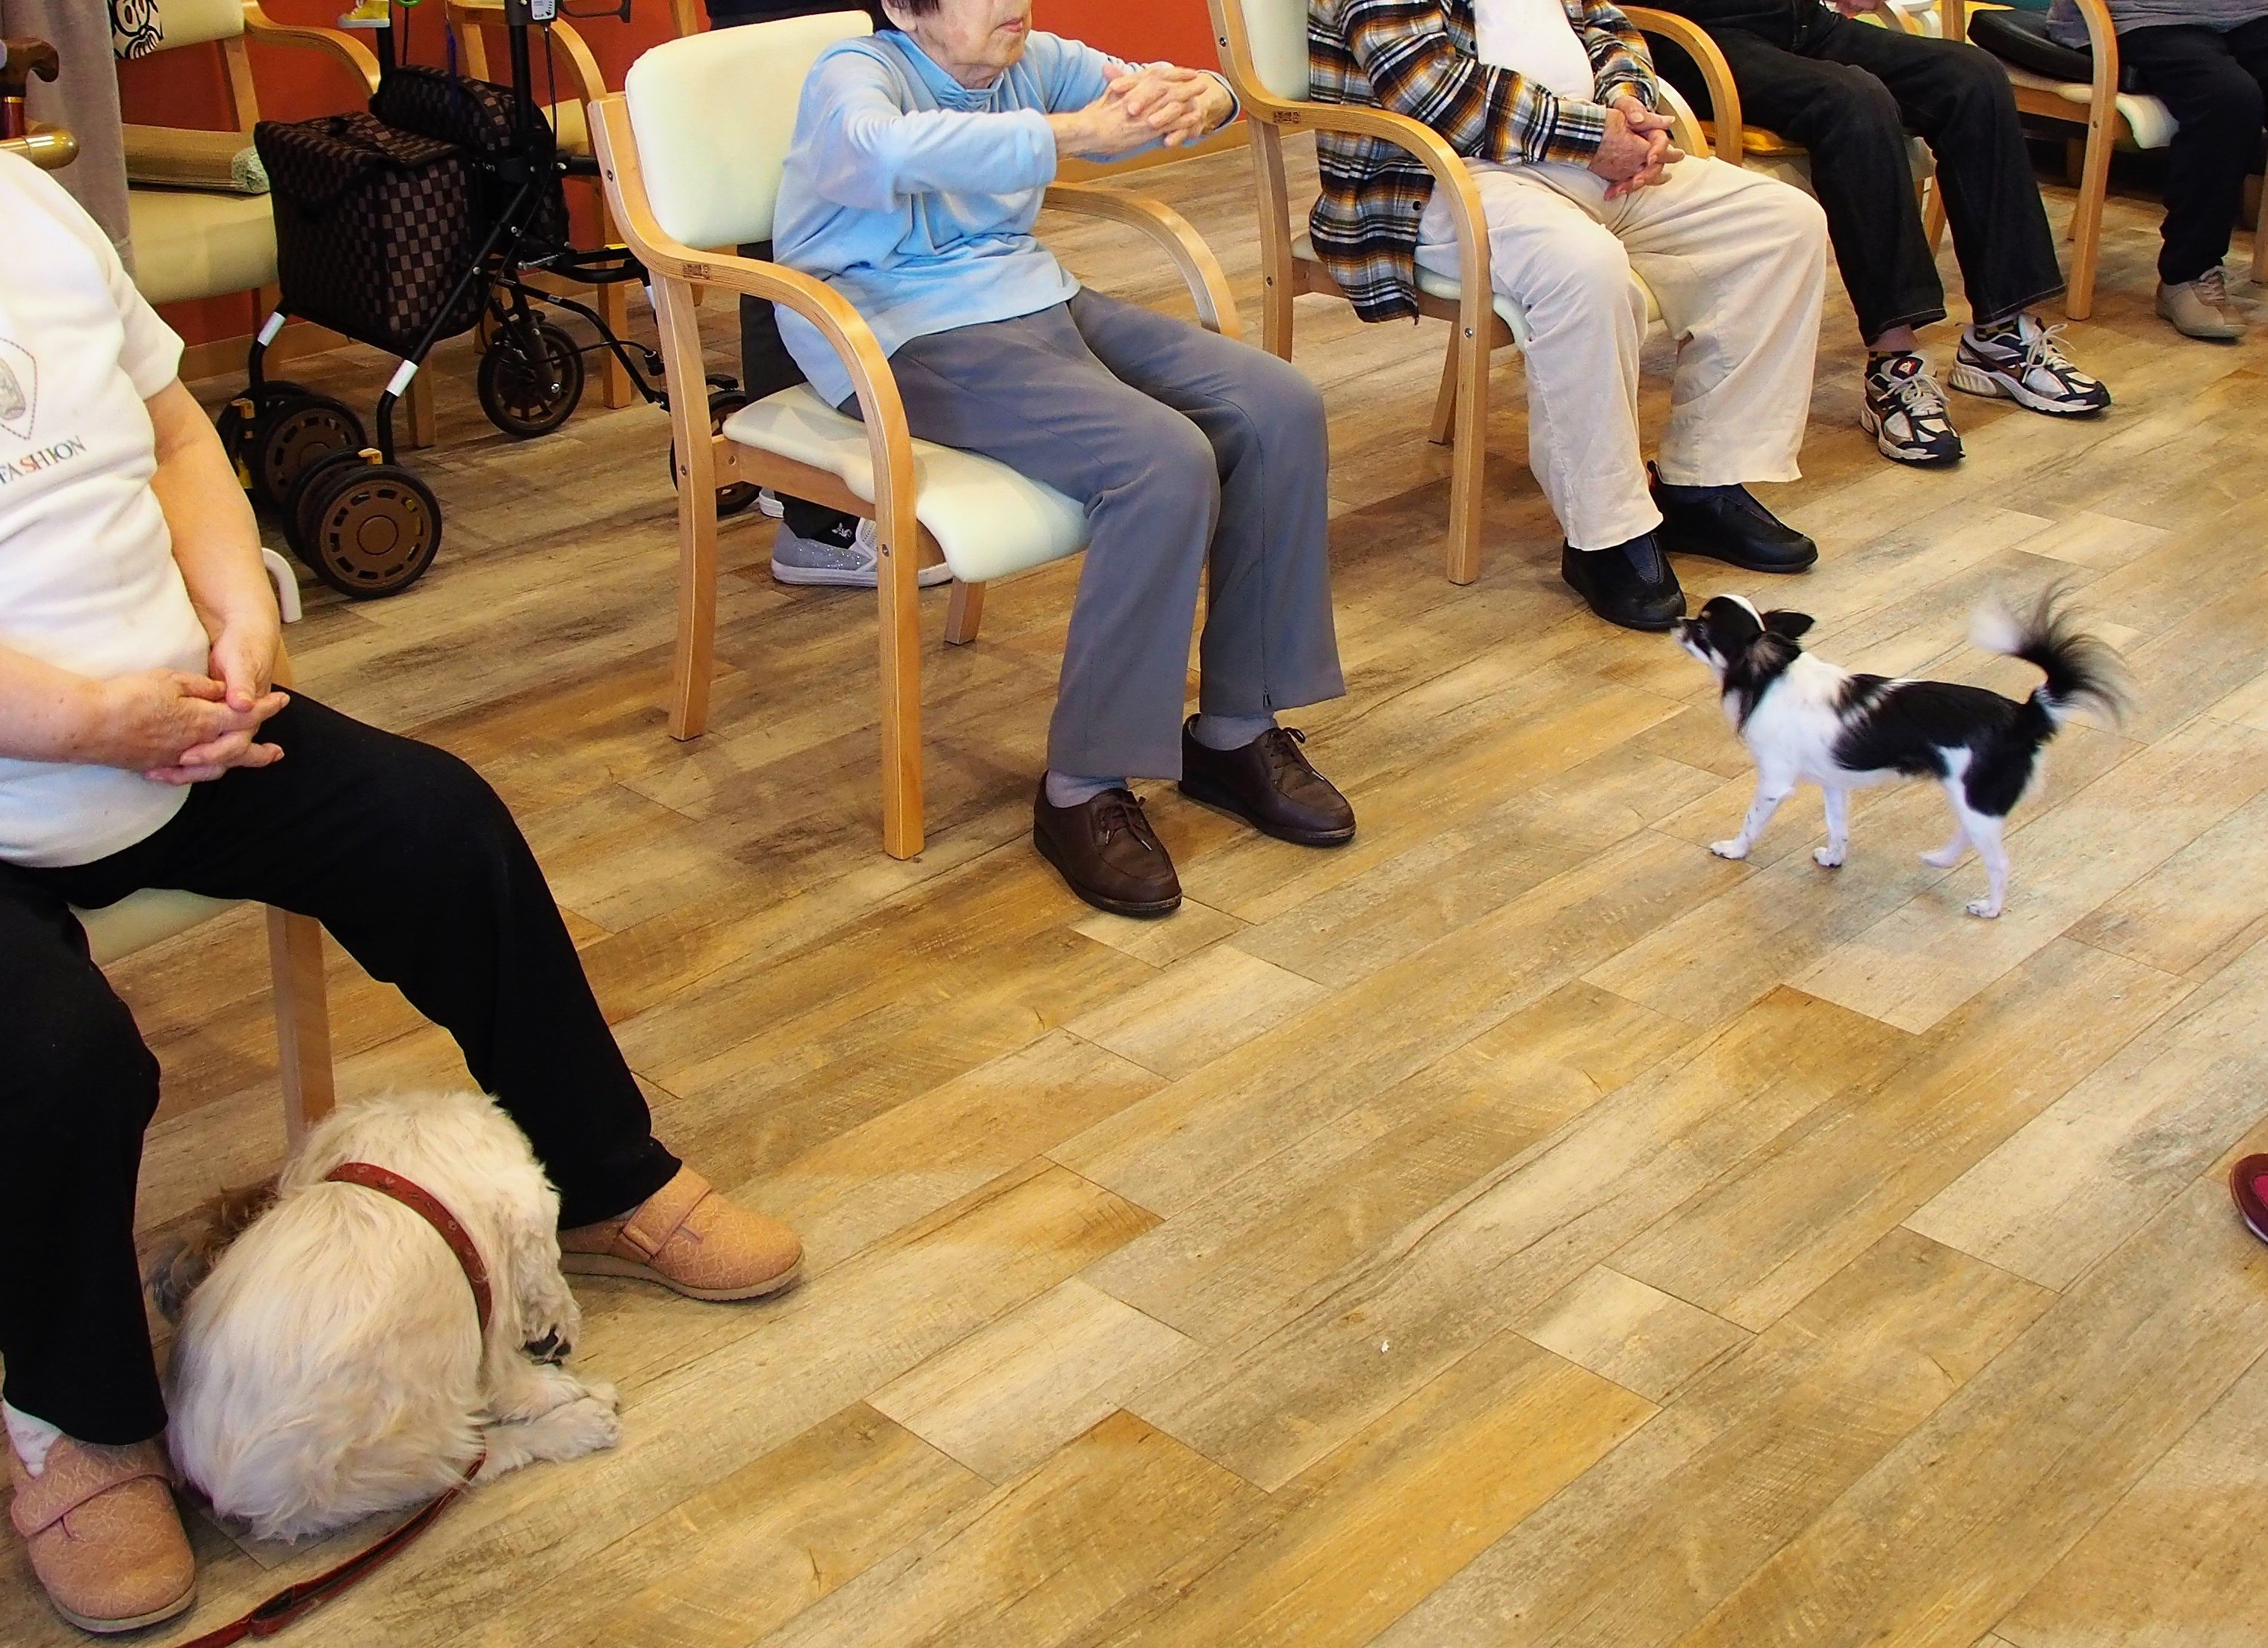 【特集】ペット共生型福祉施設で人も動物も幸せに。 犬と過ごすデイサービス&障がい者グループホーム 「わおん」(2018年12月号)